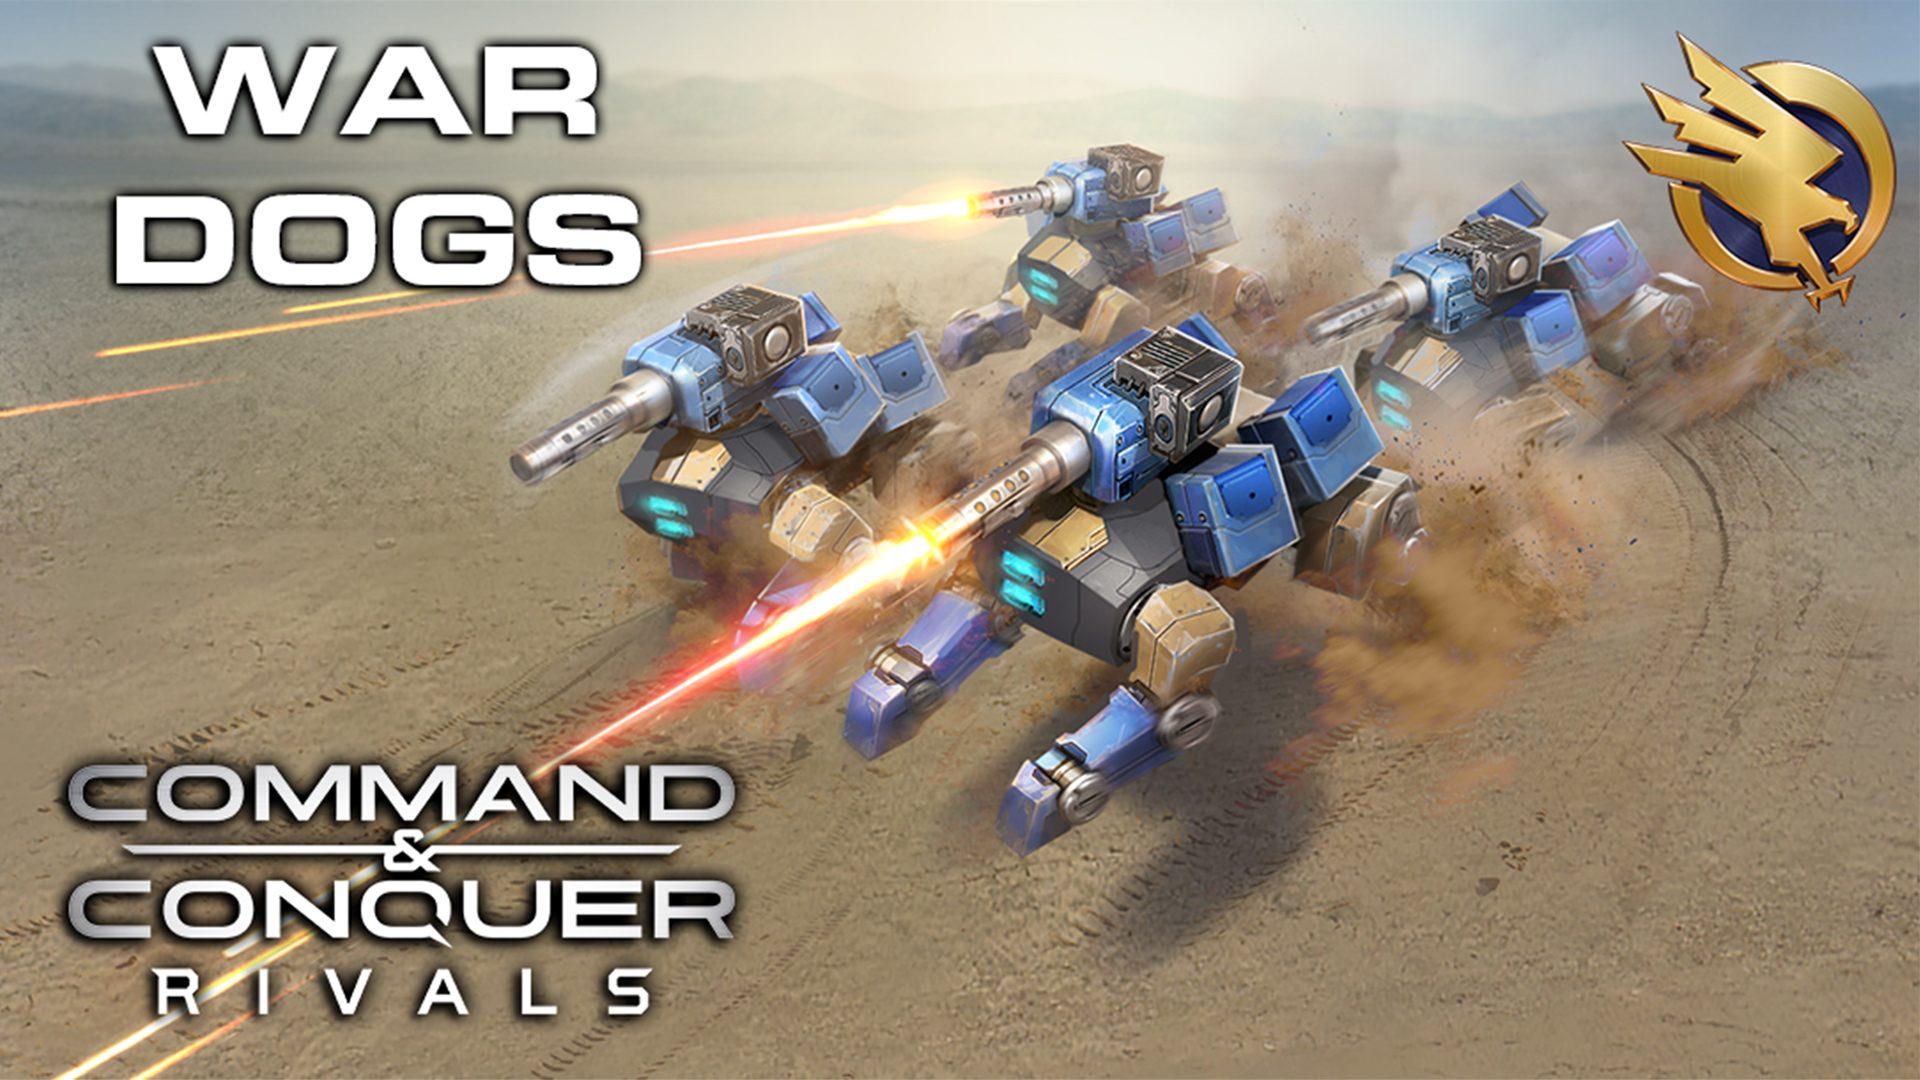 C&C Rivals - War Dogs image - C&C Paradise - Mod DB